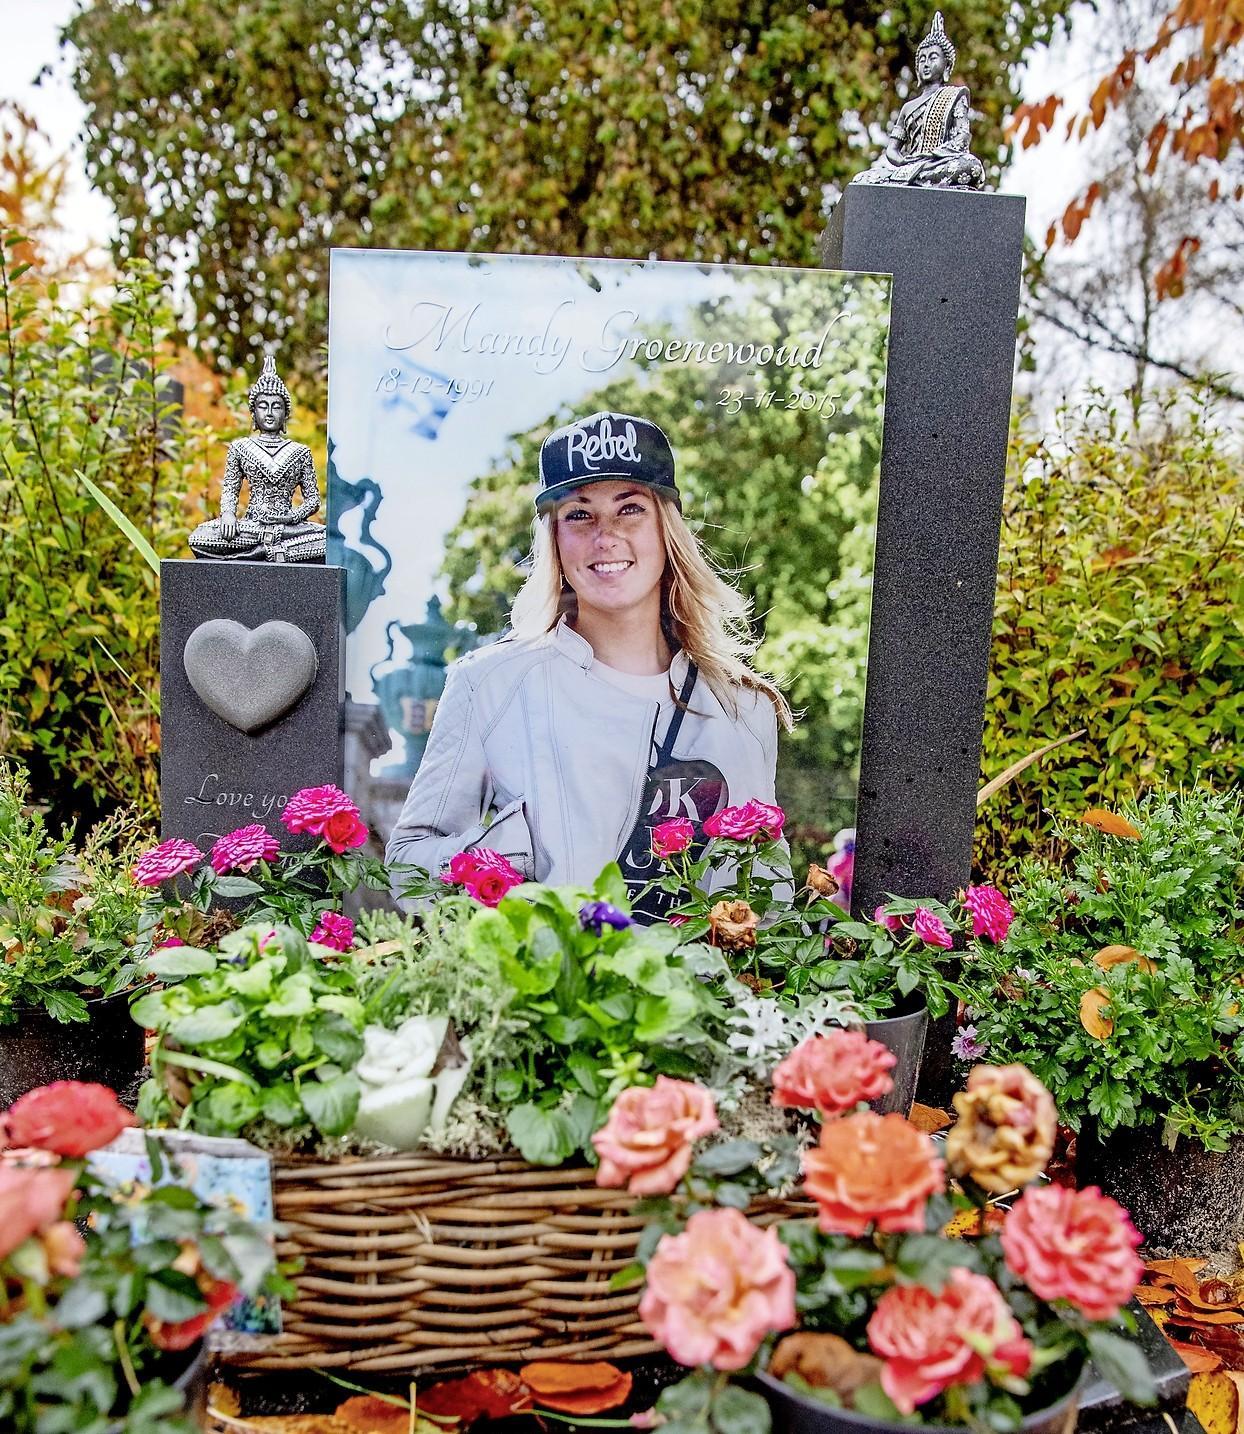 Zaak fataal duikongeval, waarbij marineduikster Mandy Groenewoud uit Zwaag omkwam, vandaag voor de Militaire kamer